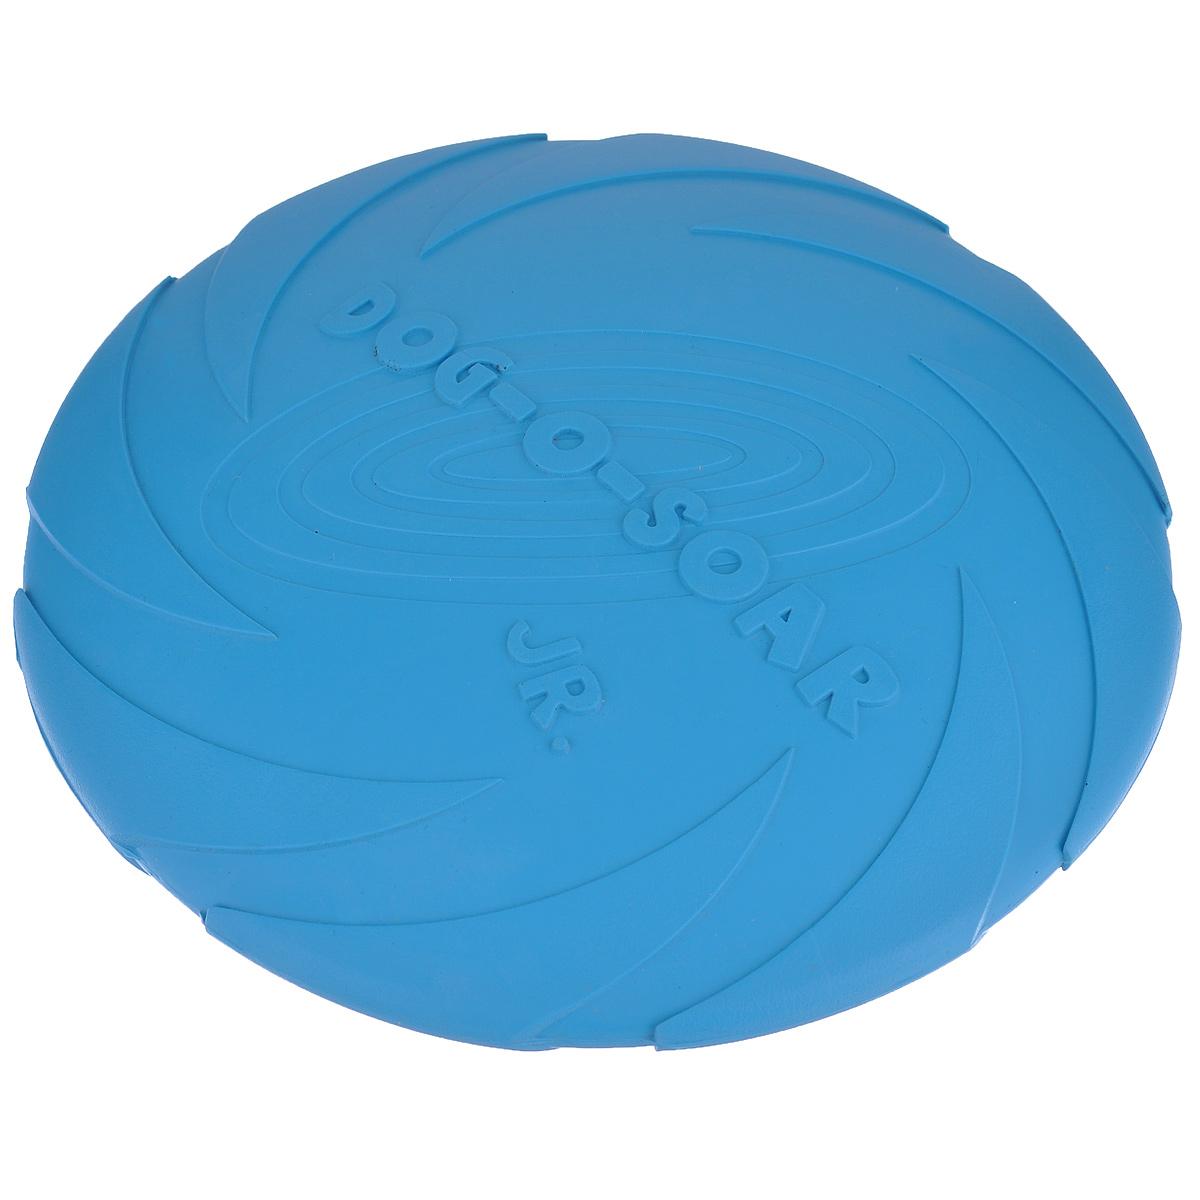 Игрушка для собак I.P.T.S. Фрисби, цвет: голубой, диаметр 18 см16200/625704_голубойИгрушка I.P.T.S. Фрисби, выполненная из резины, отлично подойдет для совместных игр хозяина и собаки. В отличие от пластиковых, такая игрушка не образует острых зазубрин и трещин, способных повредить десны питомца. Совместные игры укрепляют взаимоотношение и понимание. Диаметр: 18 см.